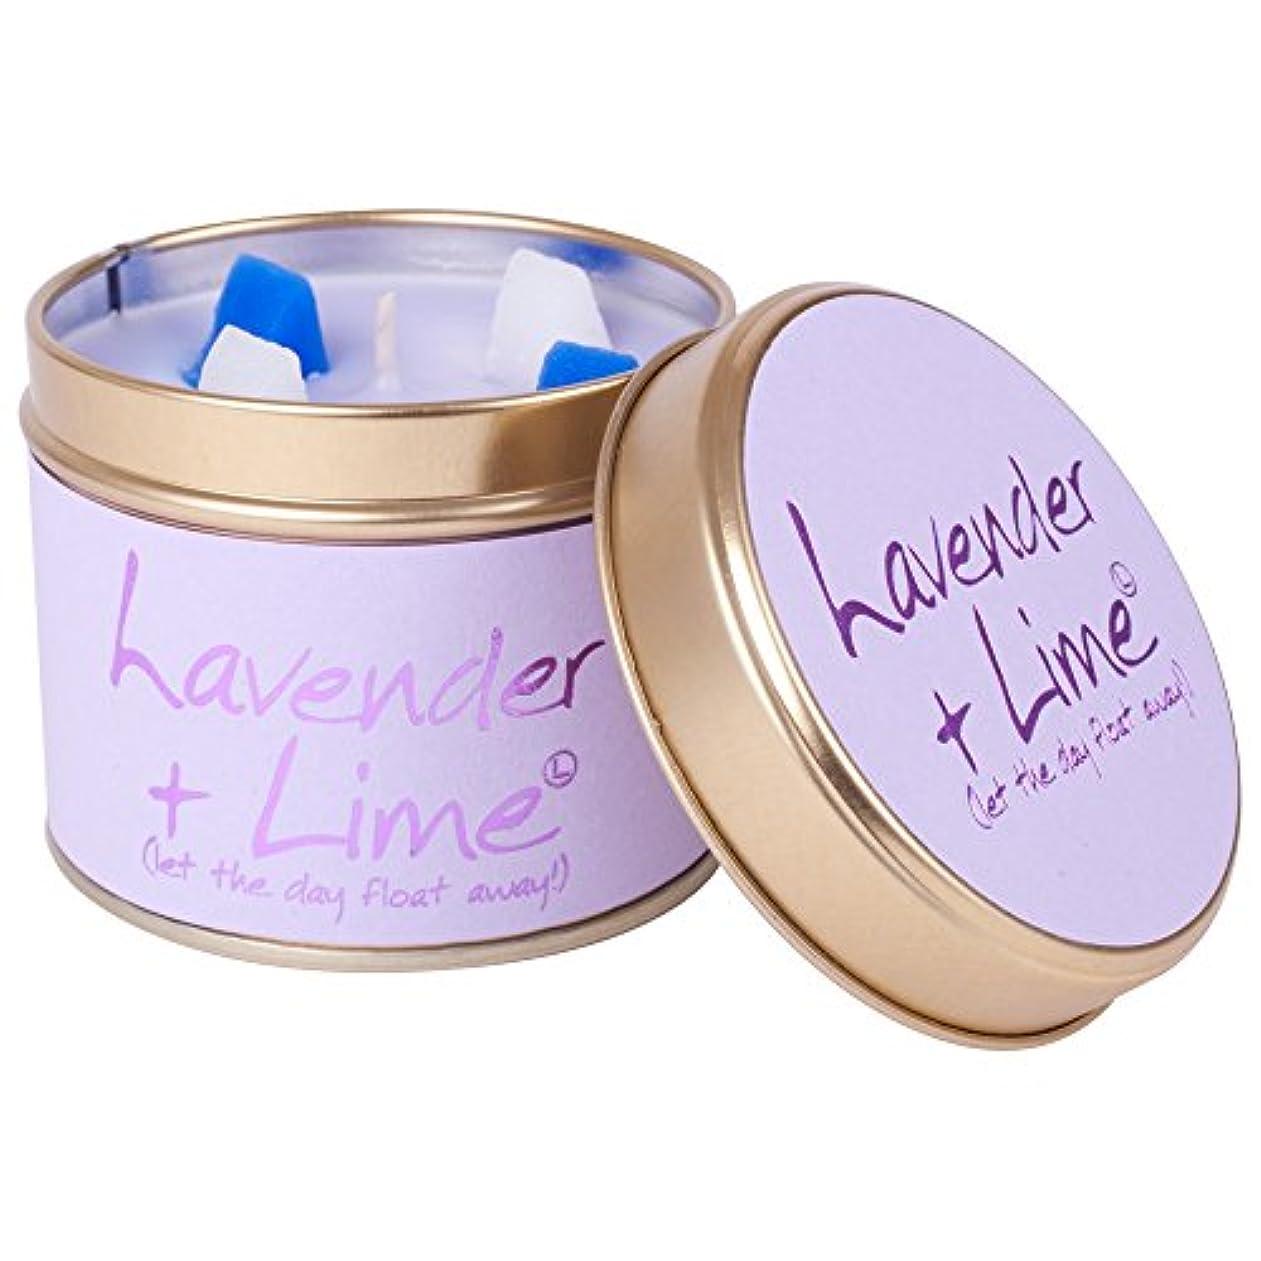 多様な参照するピルファーLily-Flame Lavender and Lime Scented Candle Tin (Pack of 6) - ユリ炎ラベンダー、ライムの香りのキャンドルスズ (Lily-Flame) (x6) [並行輸入品]